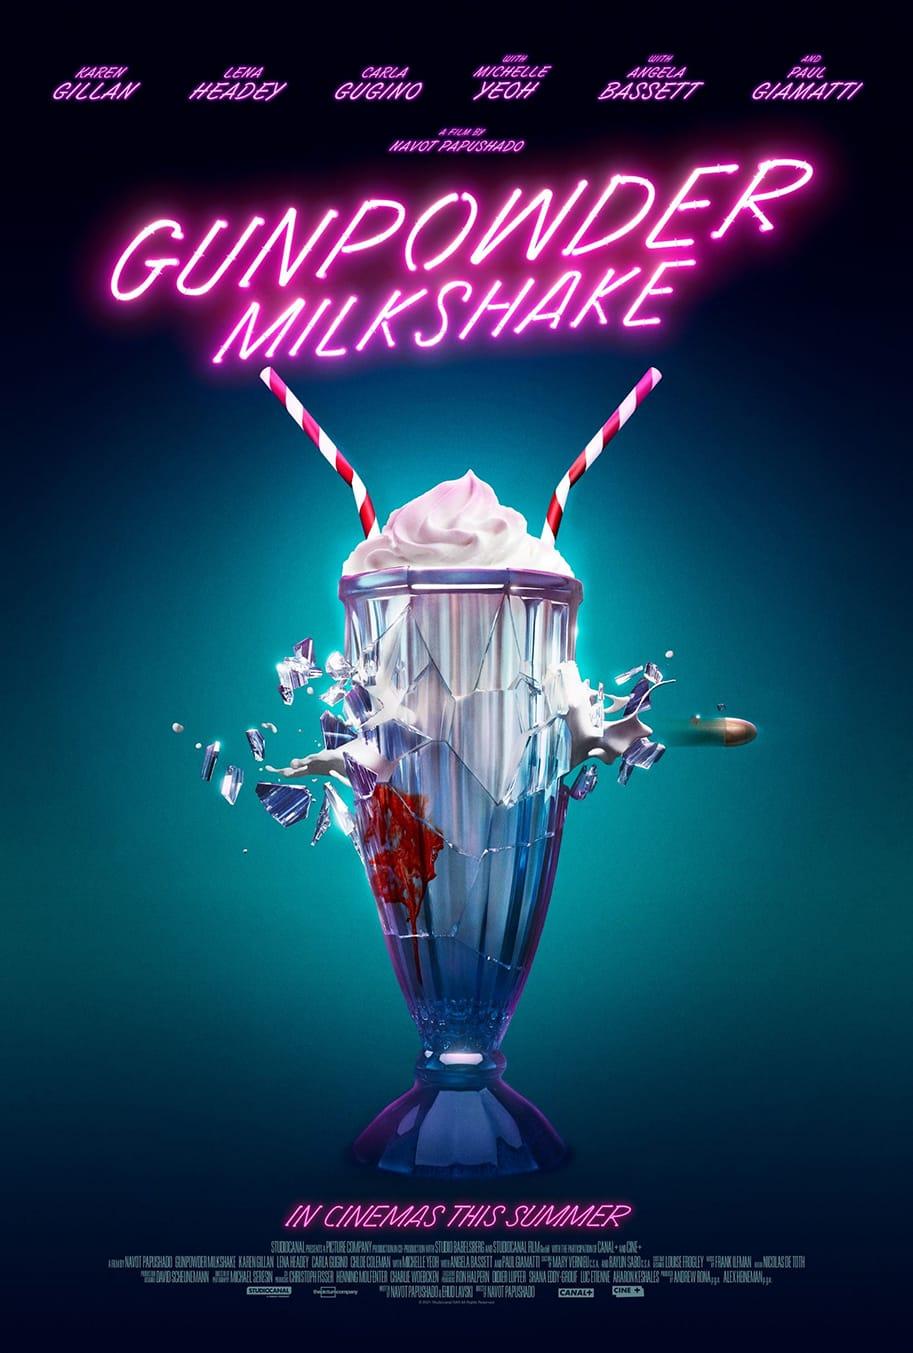 Gunpowder Milkshake trailer poster